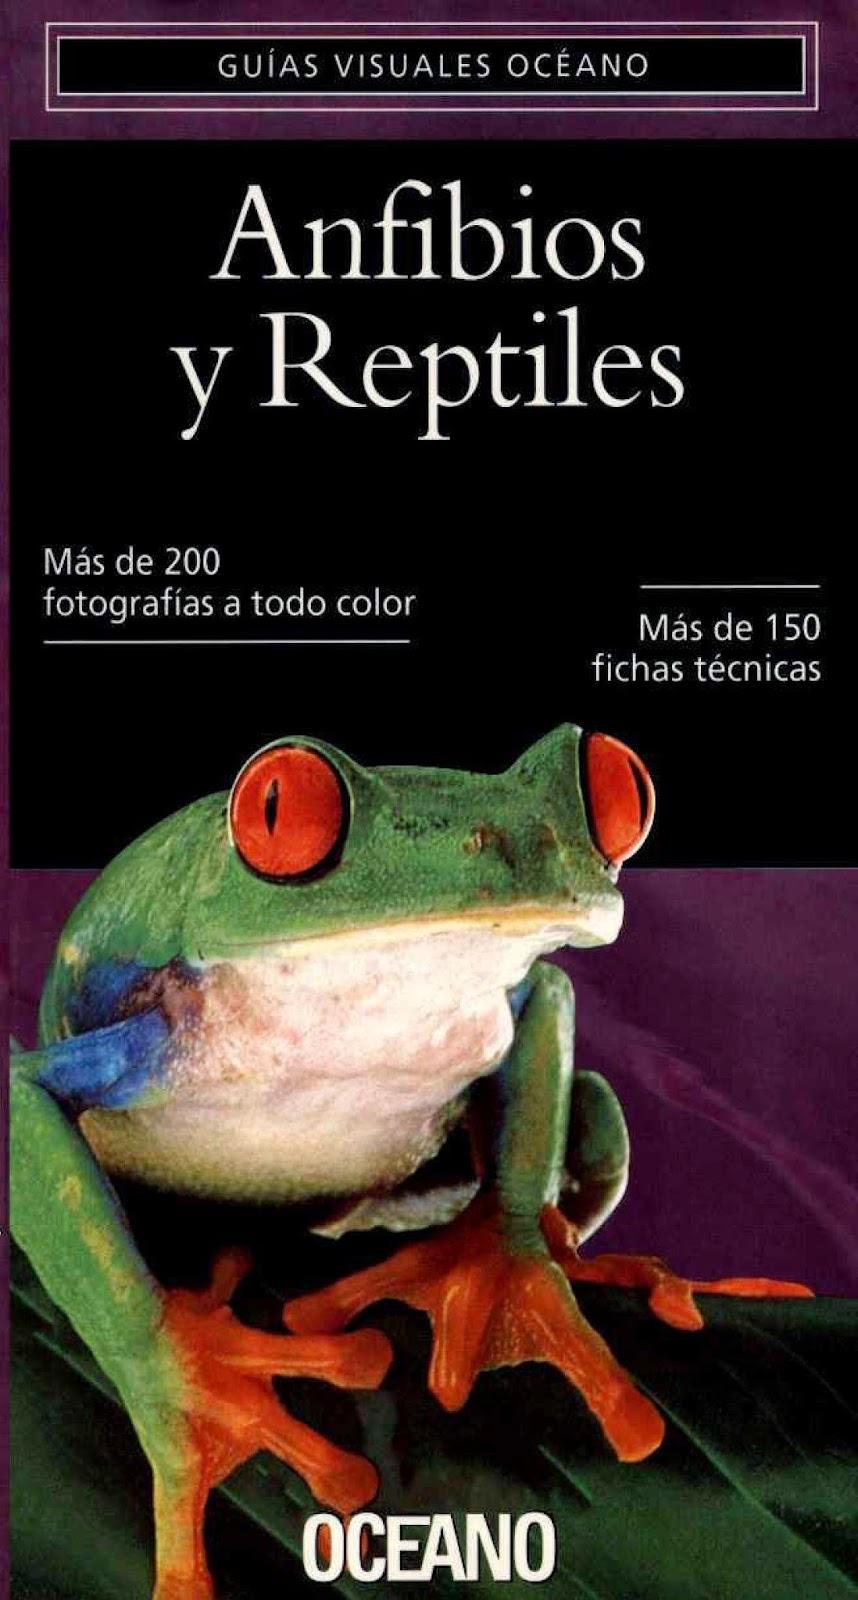 La Guía Visual Océano de Reptiles y Anfibios: Todos los misterios de la naturaleza y sus protagonistas